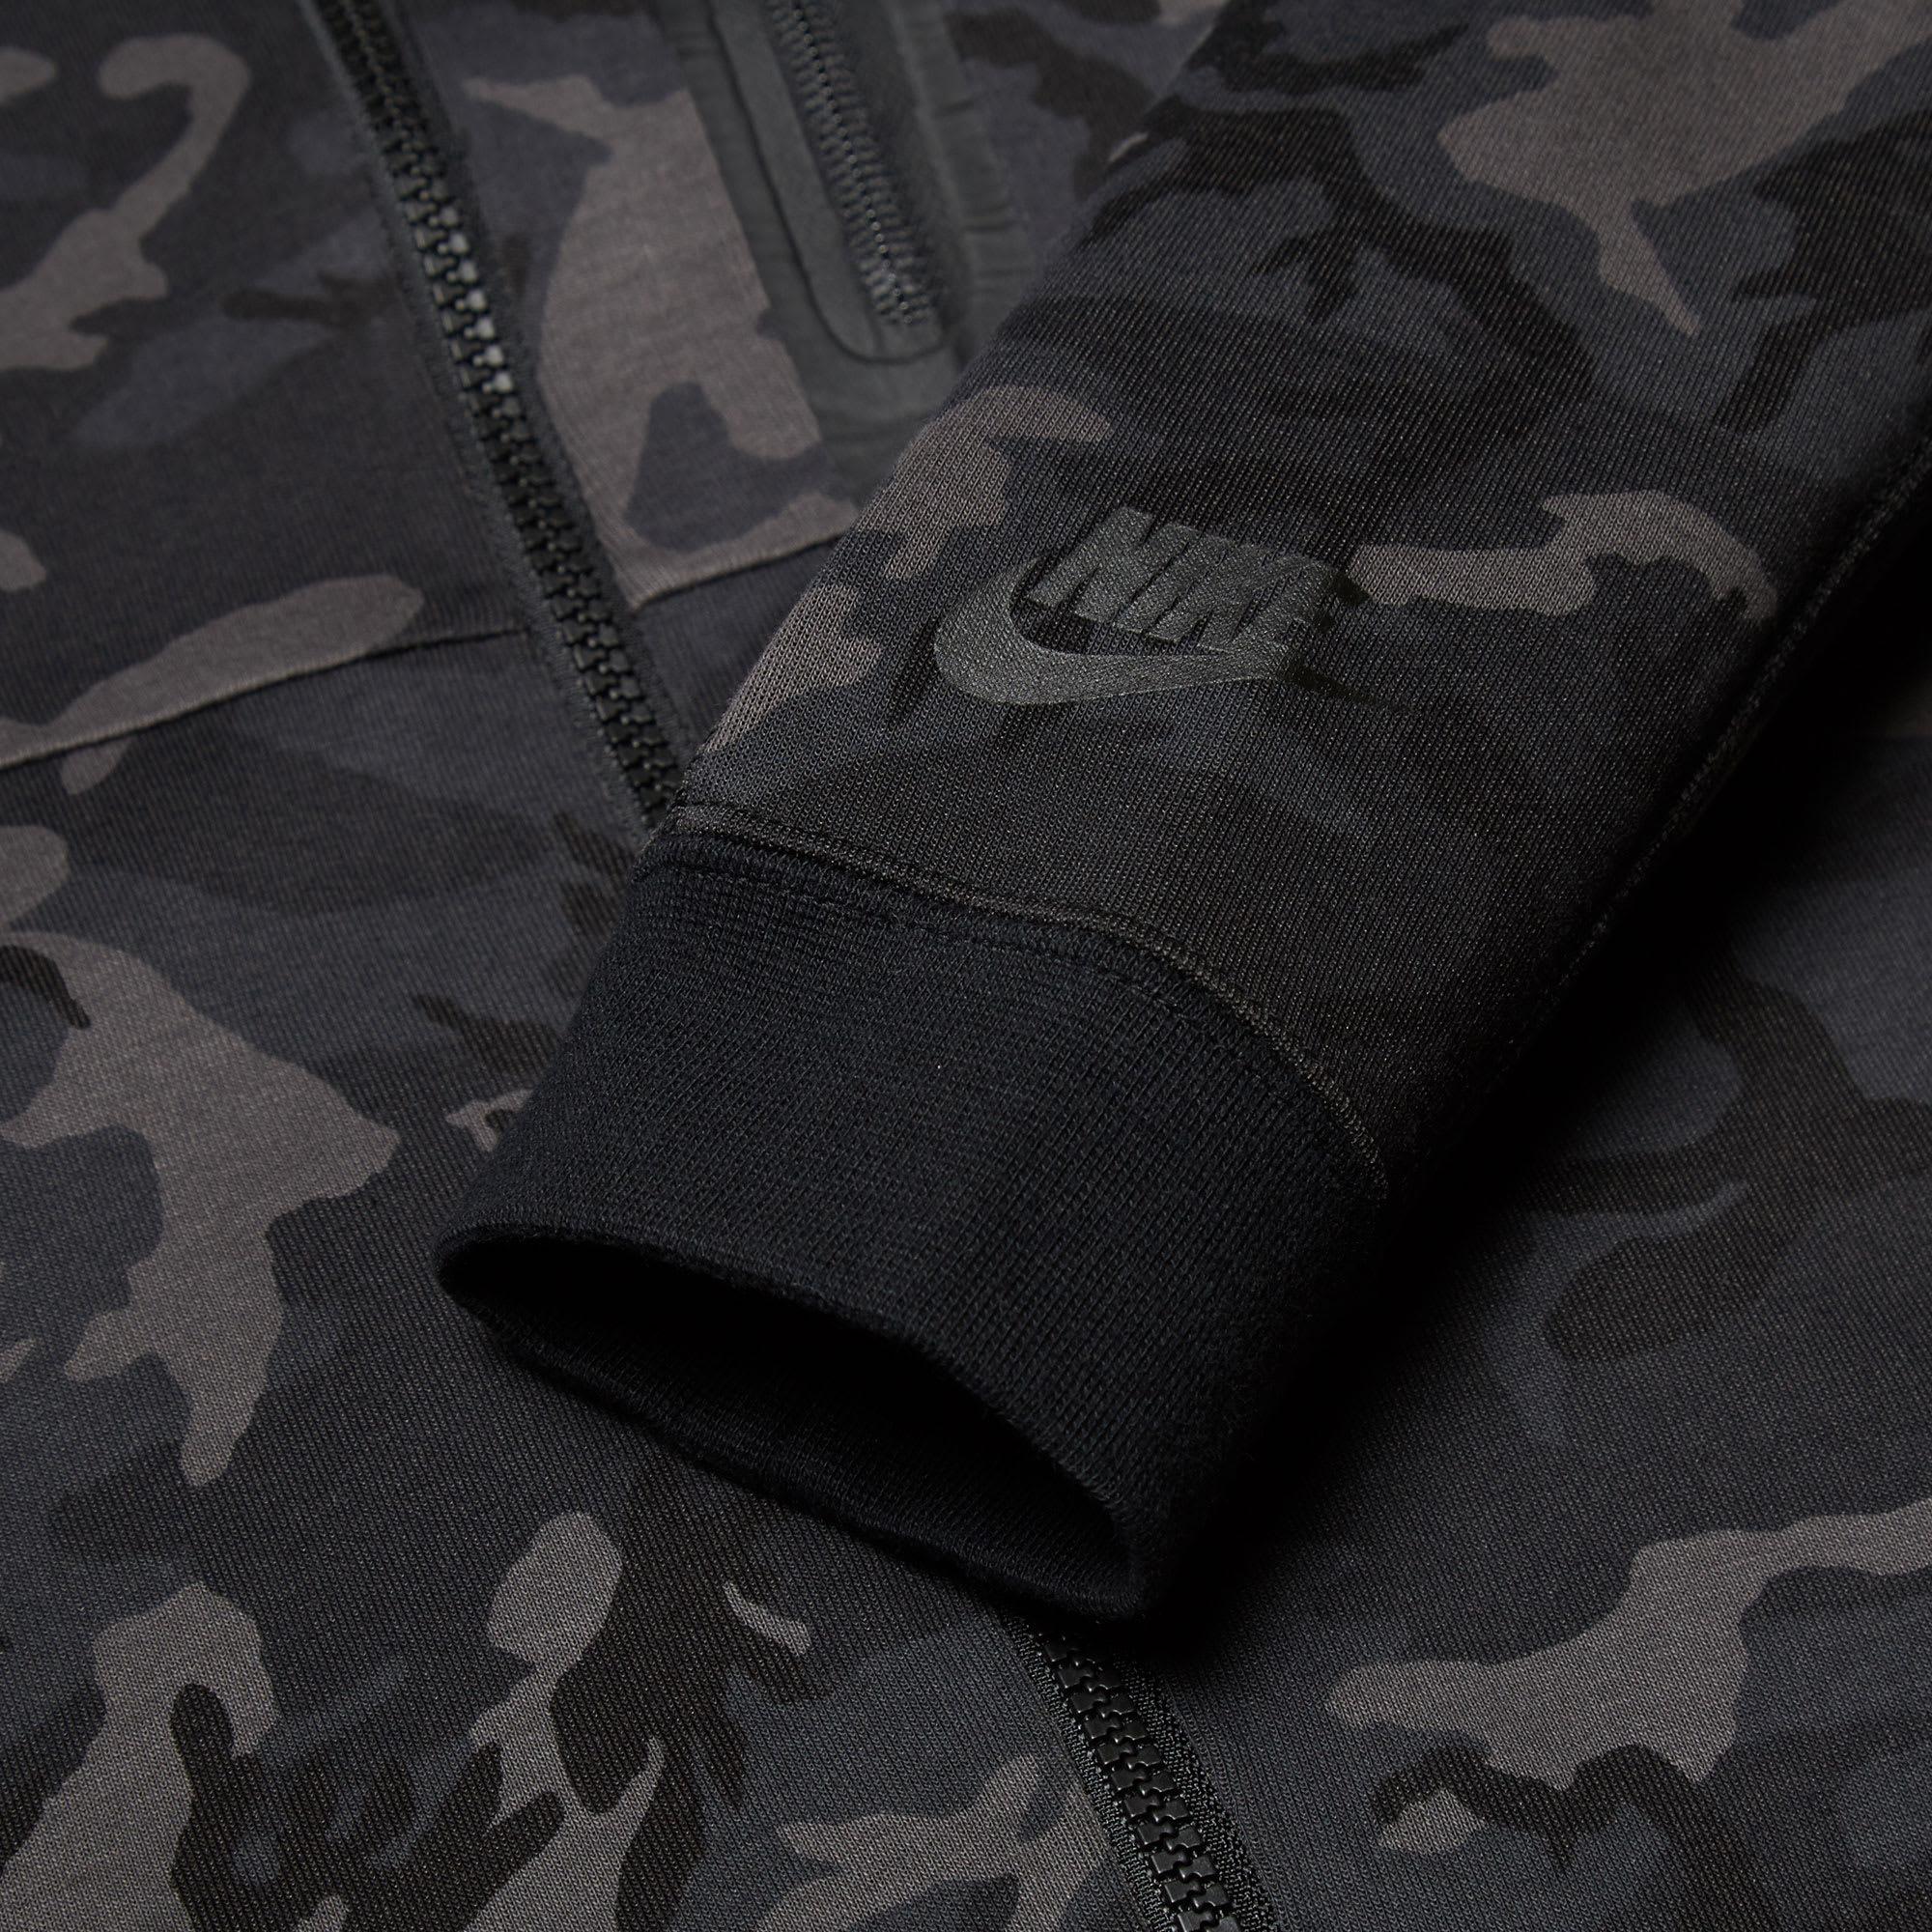 93a4db32a5c56 Nike Tech Fleece Camo AW77 Hoody Medium Ash & Black   END.